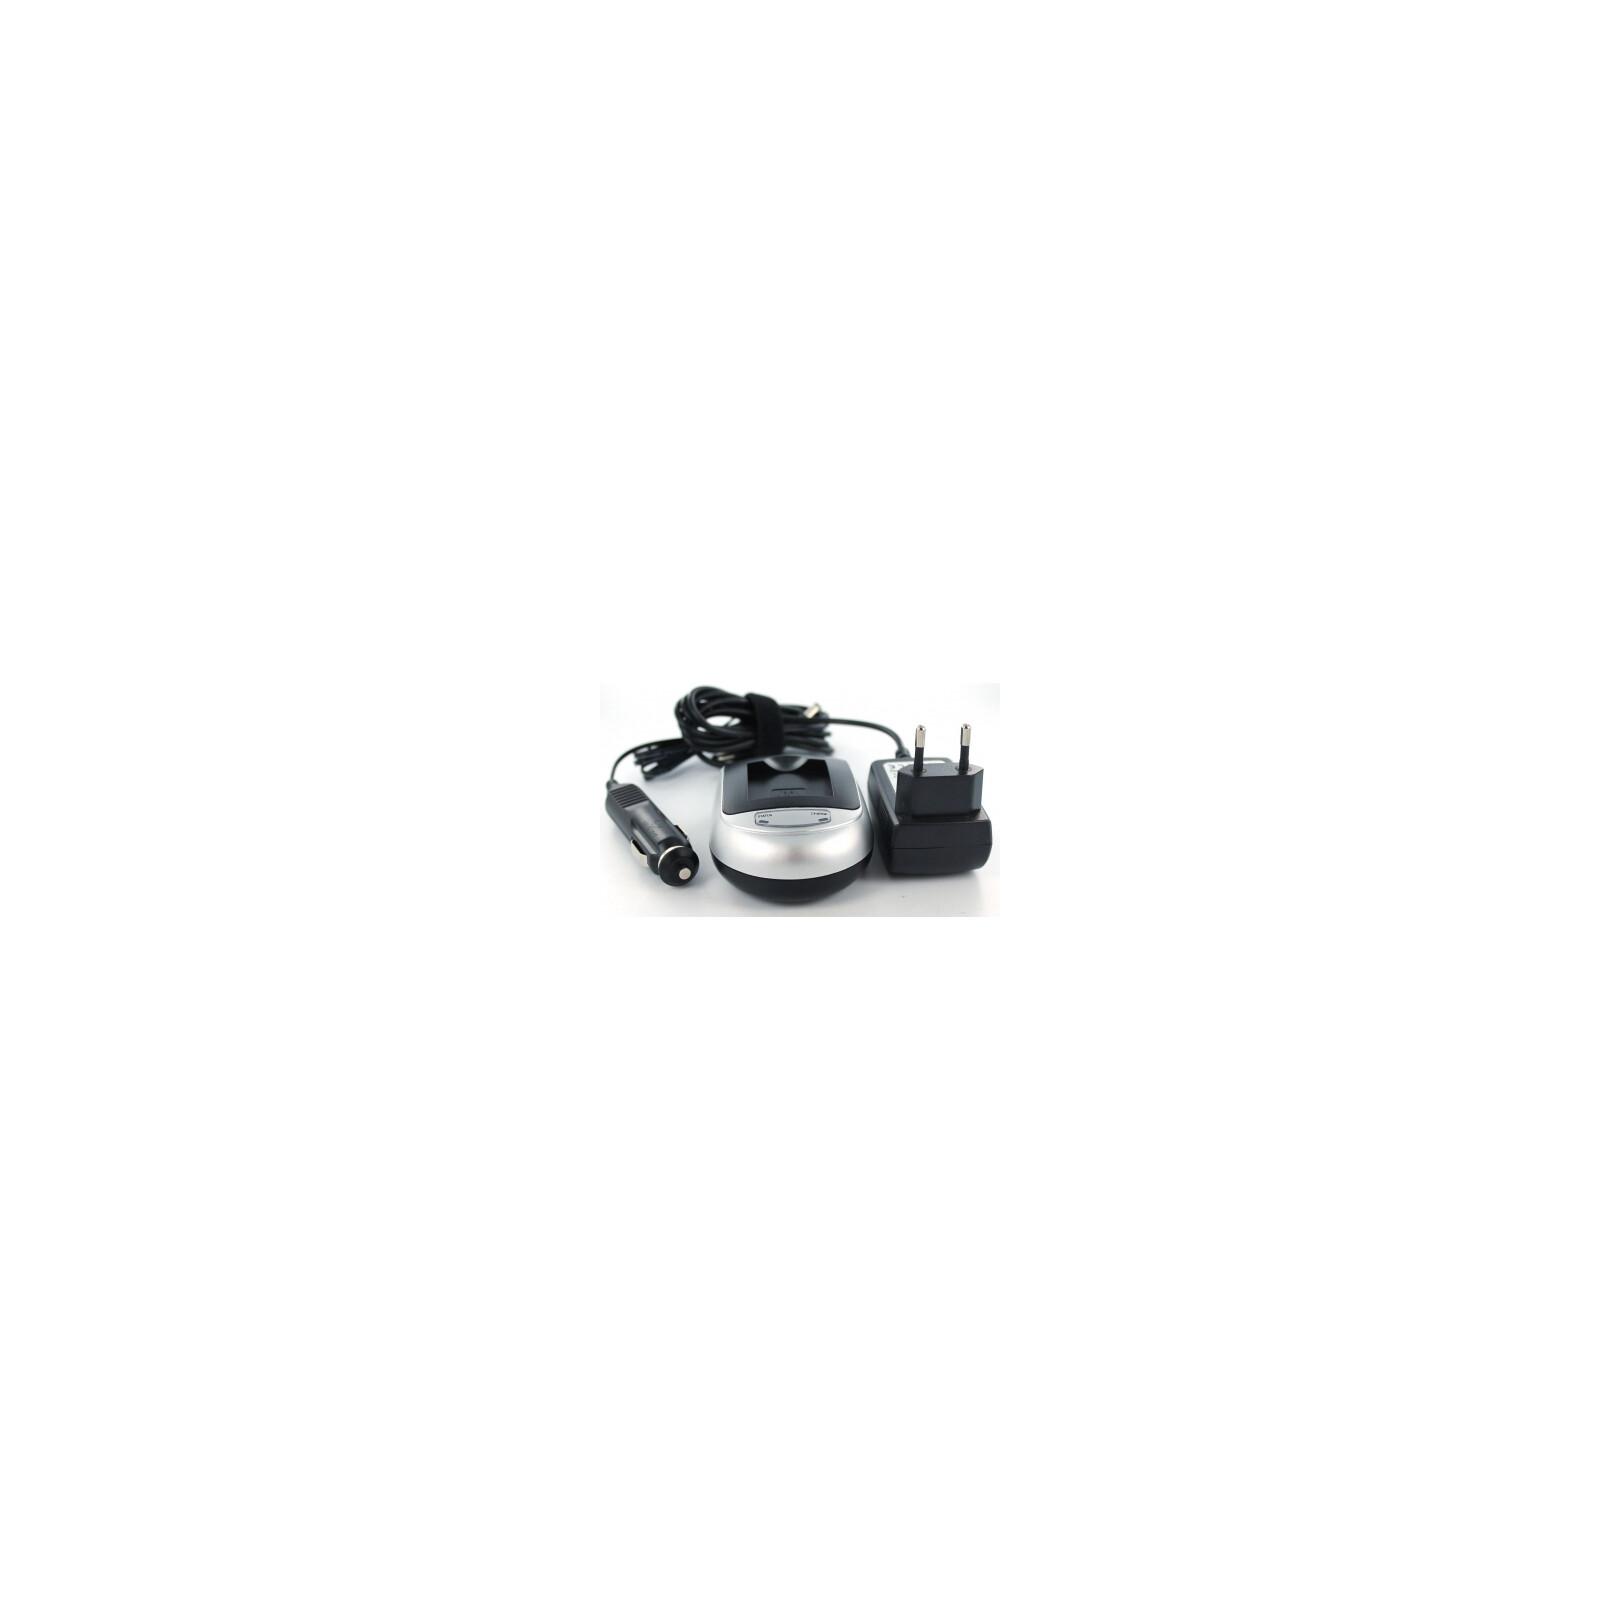 AGI 72314 Ladegerät Canon Ixus 85 IS